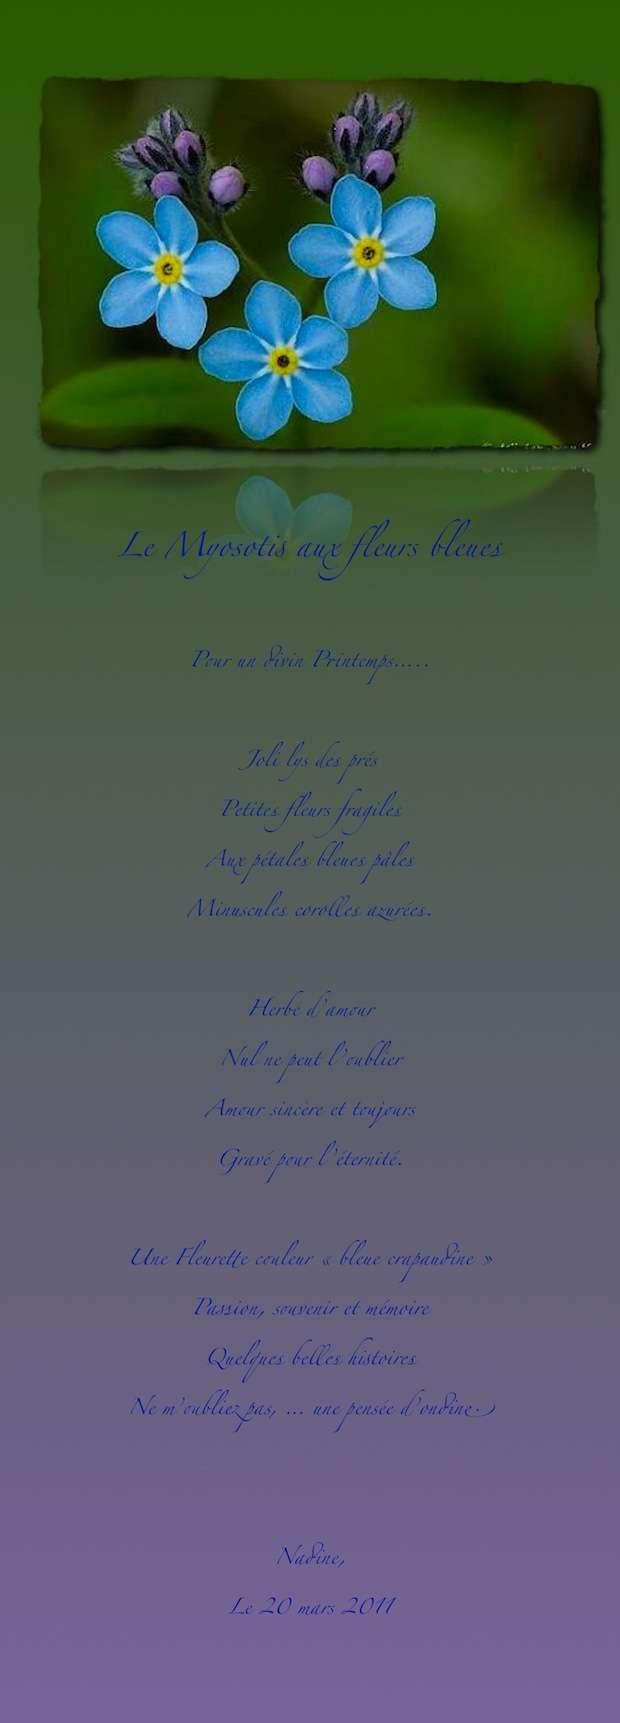 http://img828.imageshack.us/img828/74/lesmyosotisparnadine.jpg